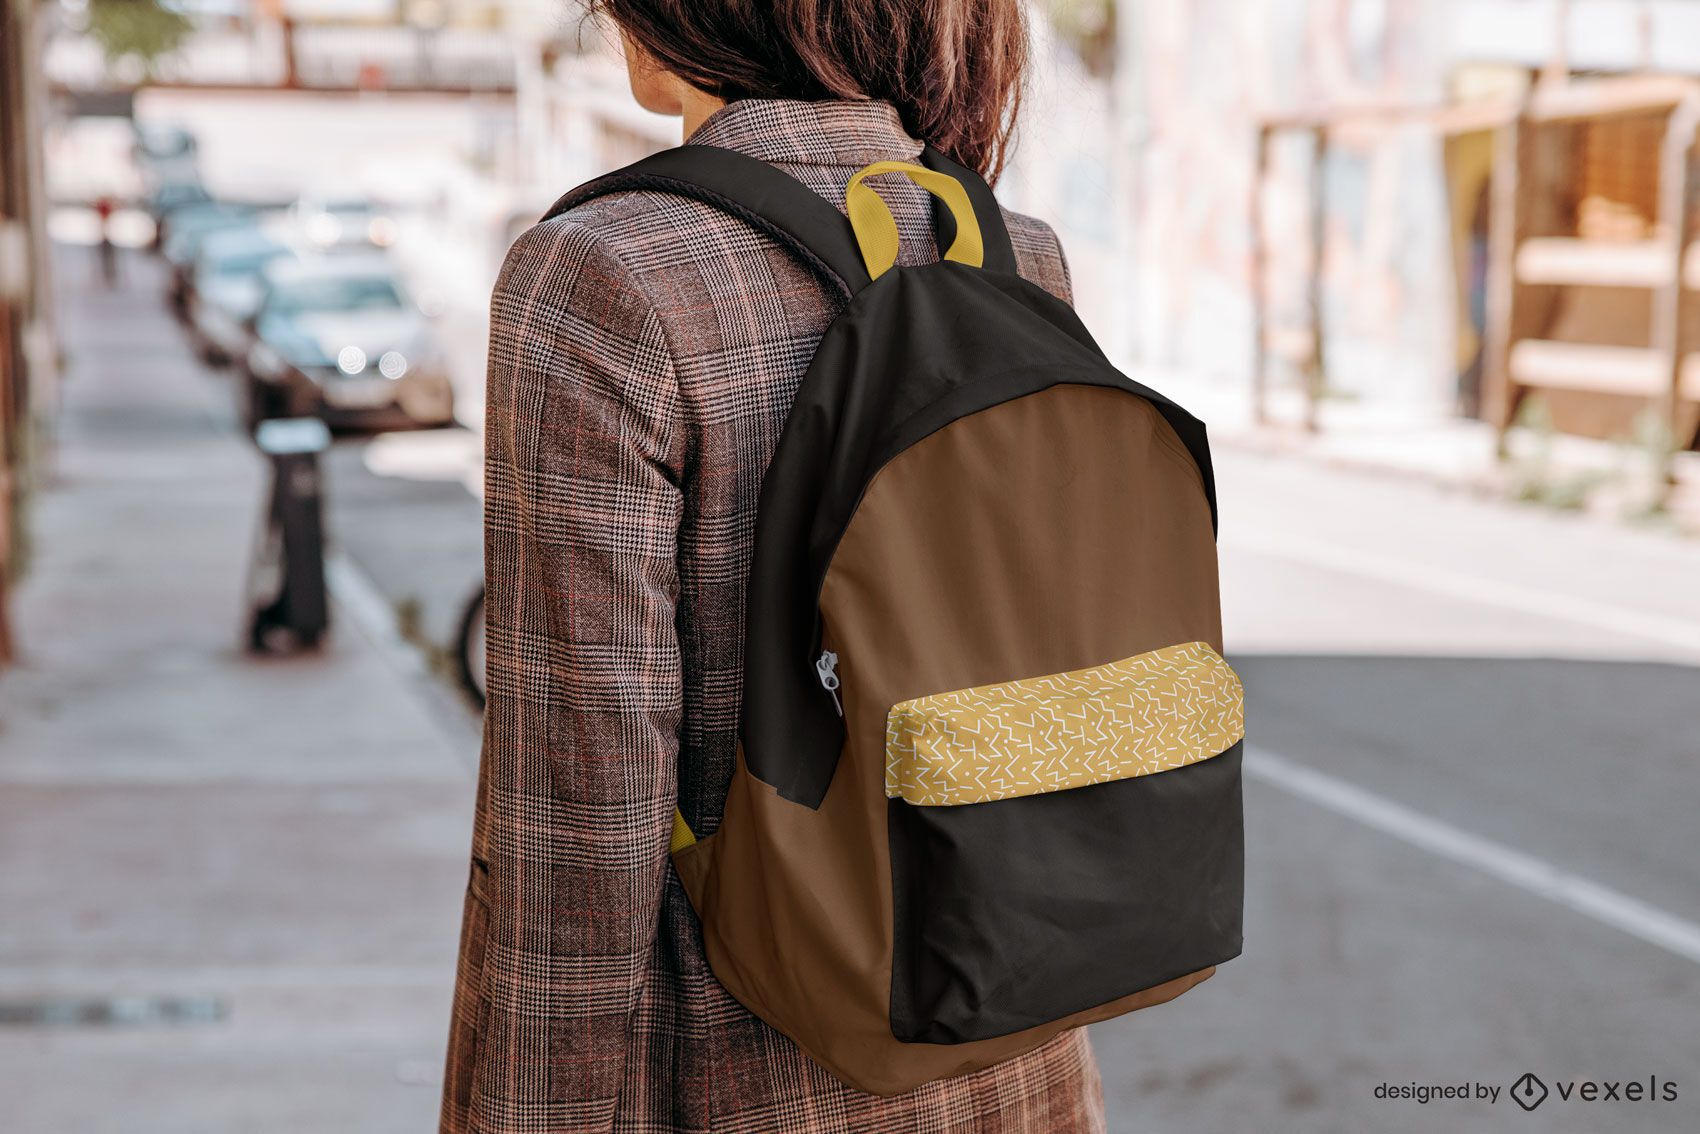 Backpack model mockup composition